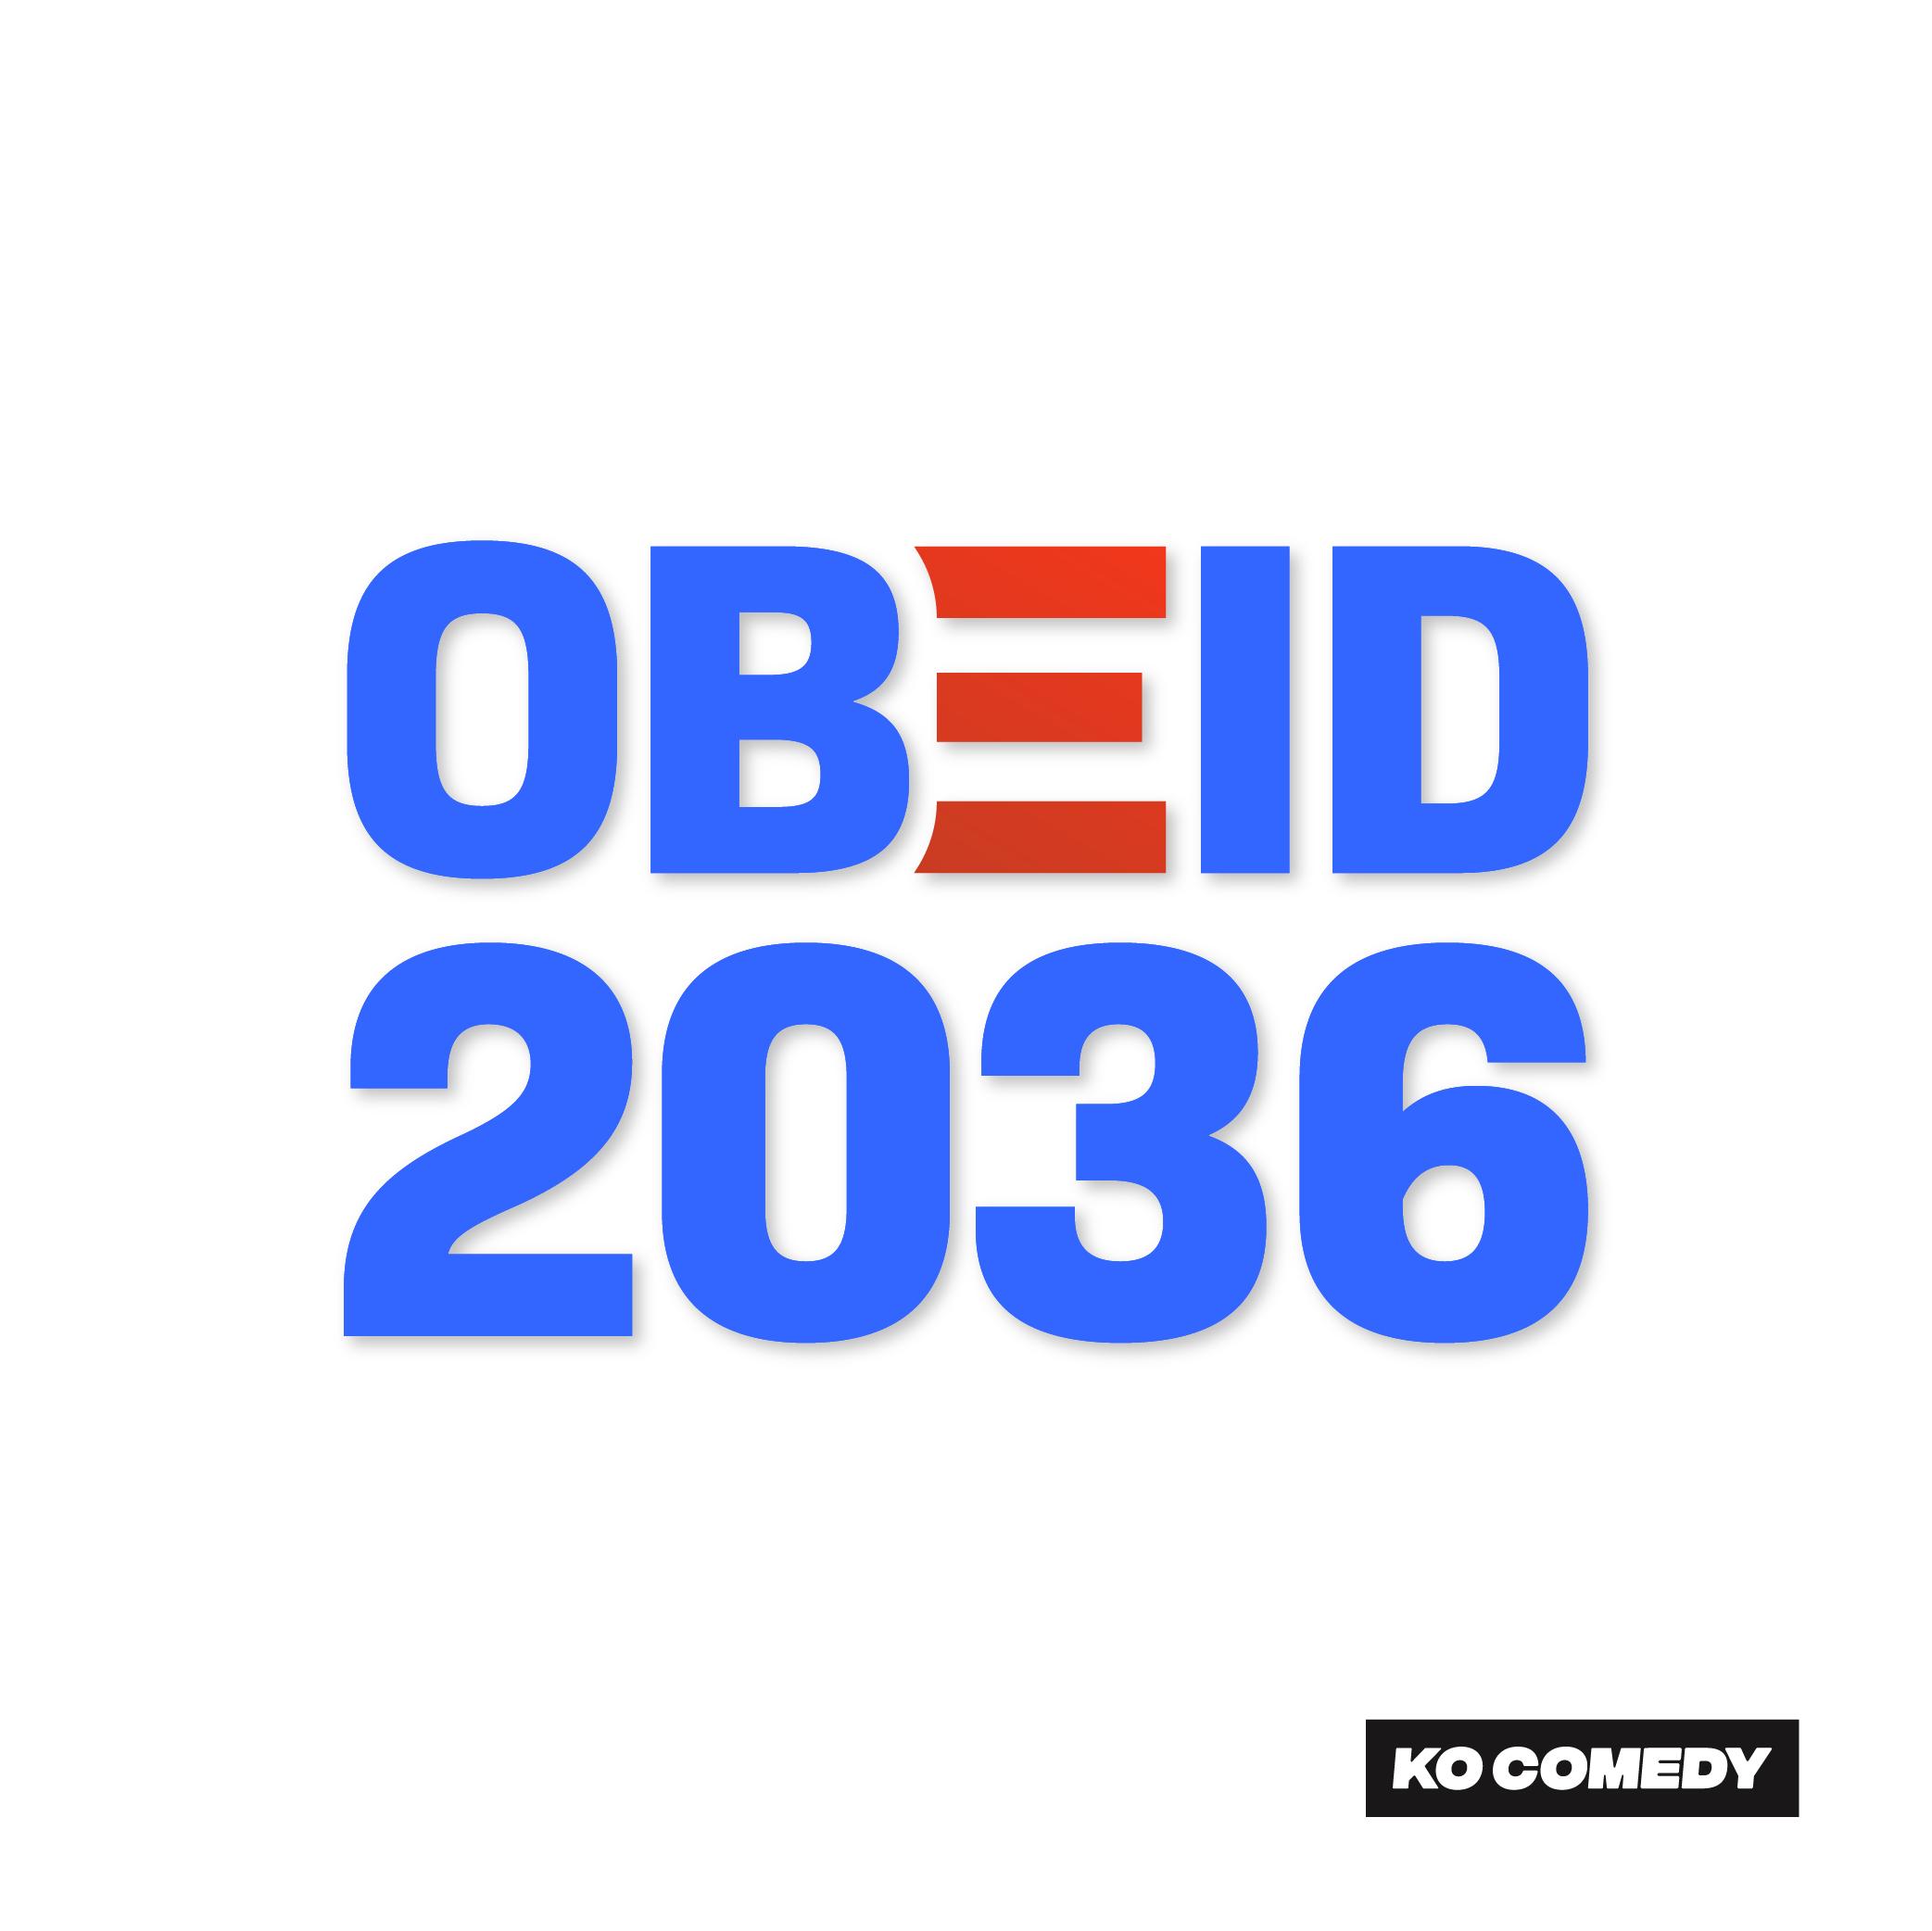 Obeid2036